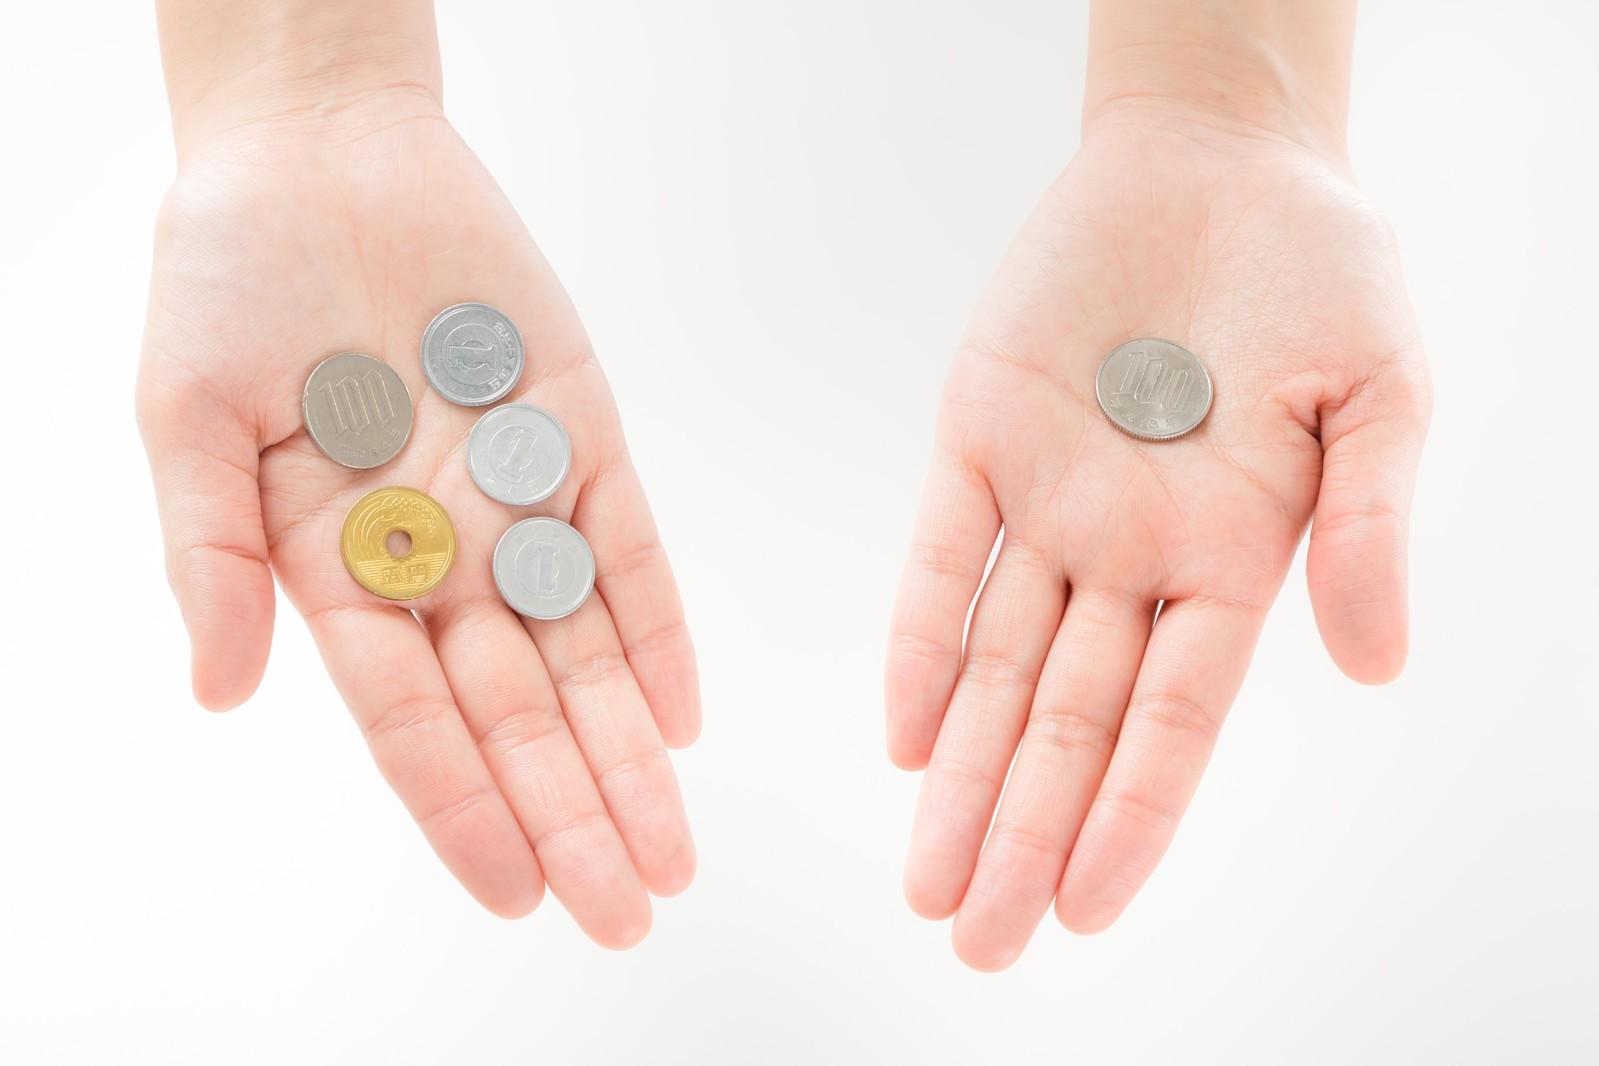 国民年金と厚生年金の違い